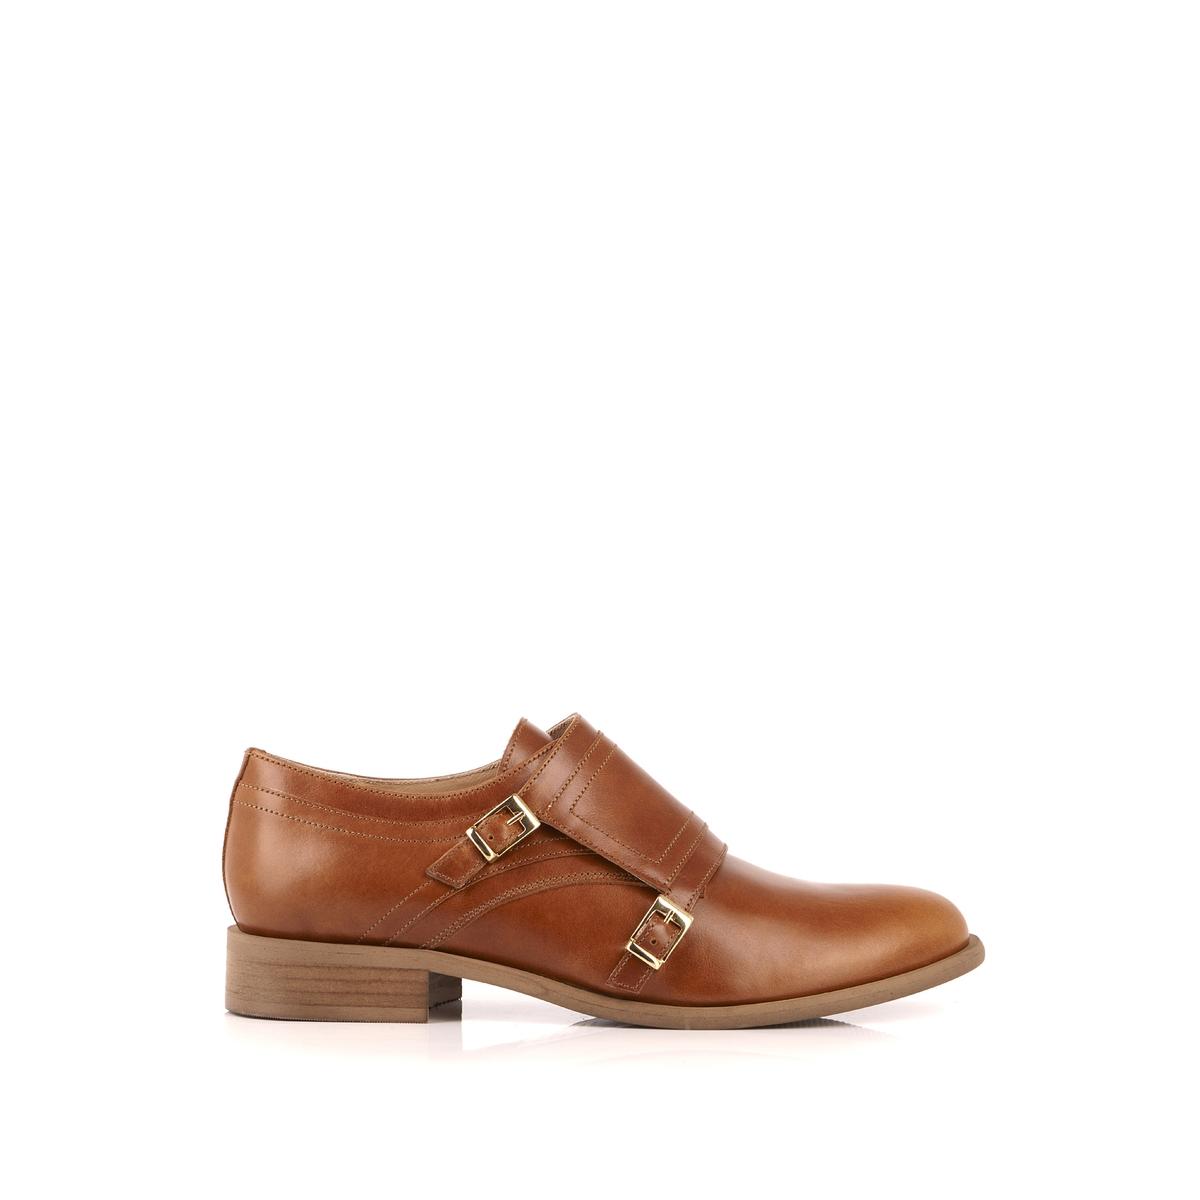 Ботинки-дерби кожаные Chaloupi ботинки дерби под кожу питона